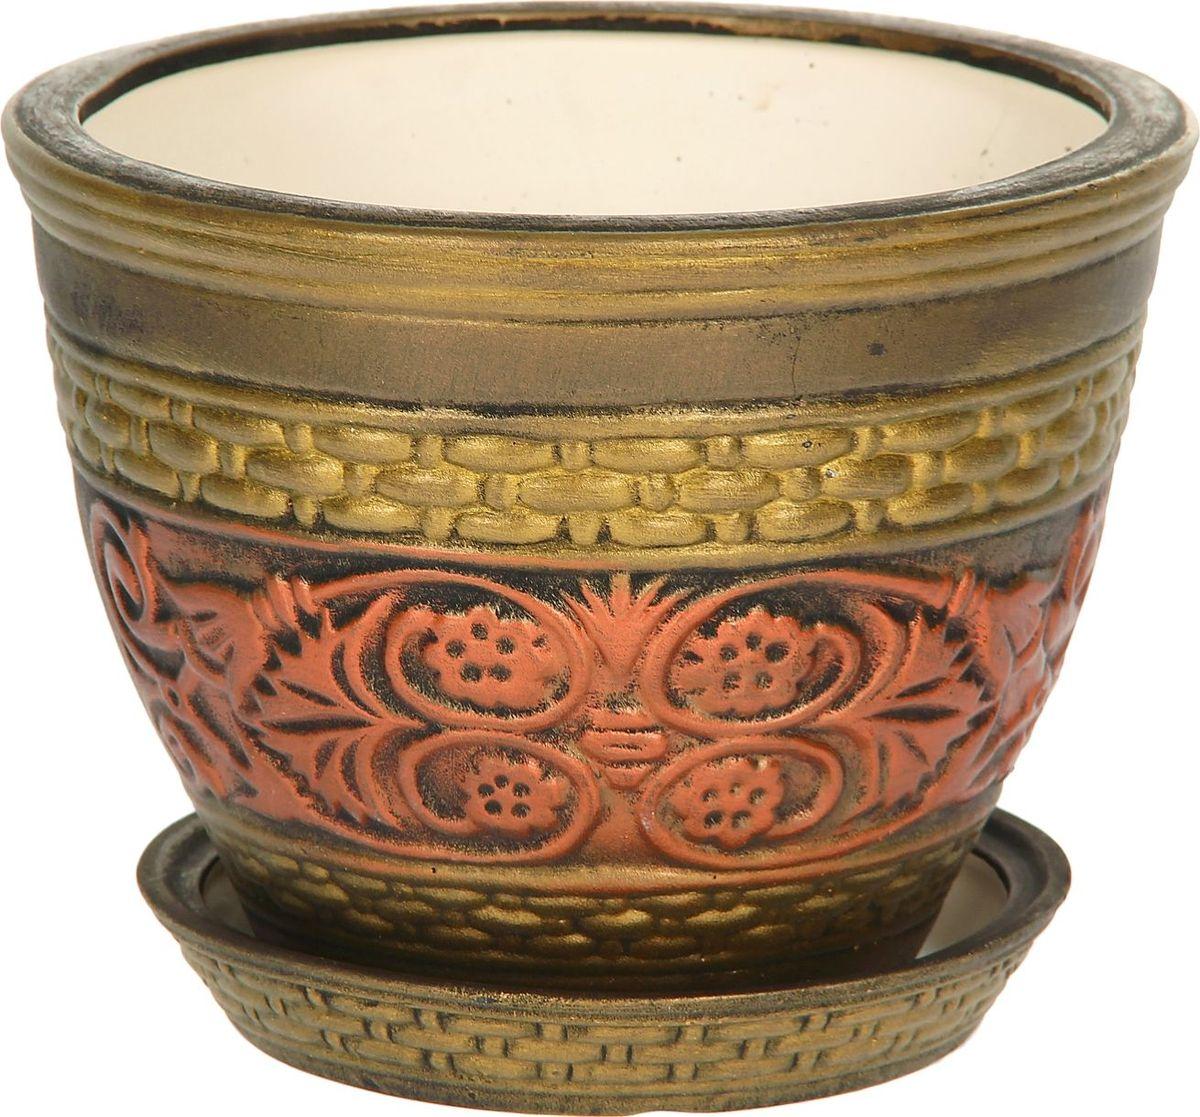 Кашпо Керамика ручной работы Венеция, 4 л1114255Комнатные растения — всеобщие любимцы. Они радуют глаз, насыщают помещение кислородом и украшают пространство. Каждому из них необходим свой удобный и красивый дом. Кашпо из керамики прекрасно подходят для высадки растений: за счёт пластичности глины и разных способов обработки существует великое множество форм и дизайновпористый материал позволяет испаряться лишней влагевоздух, необходимый для дыхания корней, проникает сквозь керамические стенки! #name# позаботится о зелёном питомце, освежит интерьер и подчеркнёт его стиль.